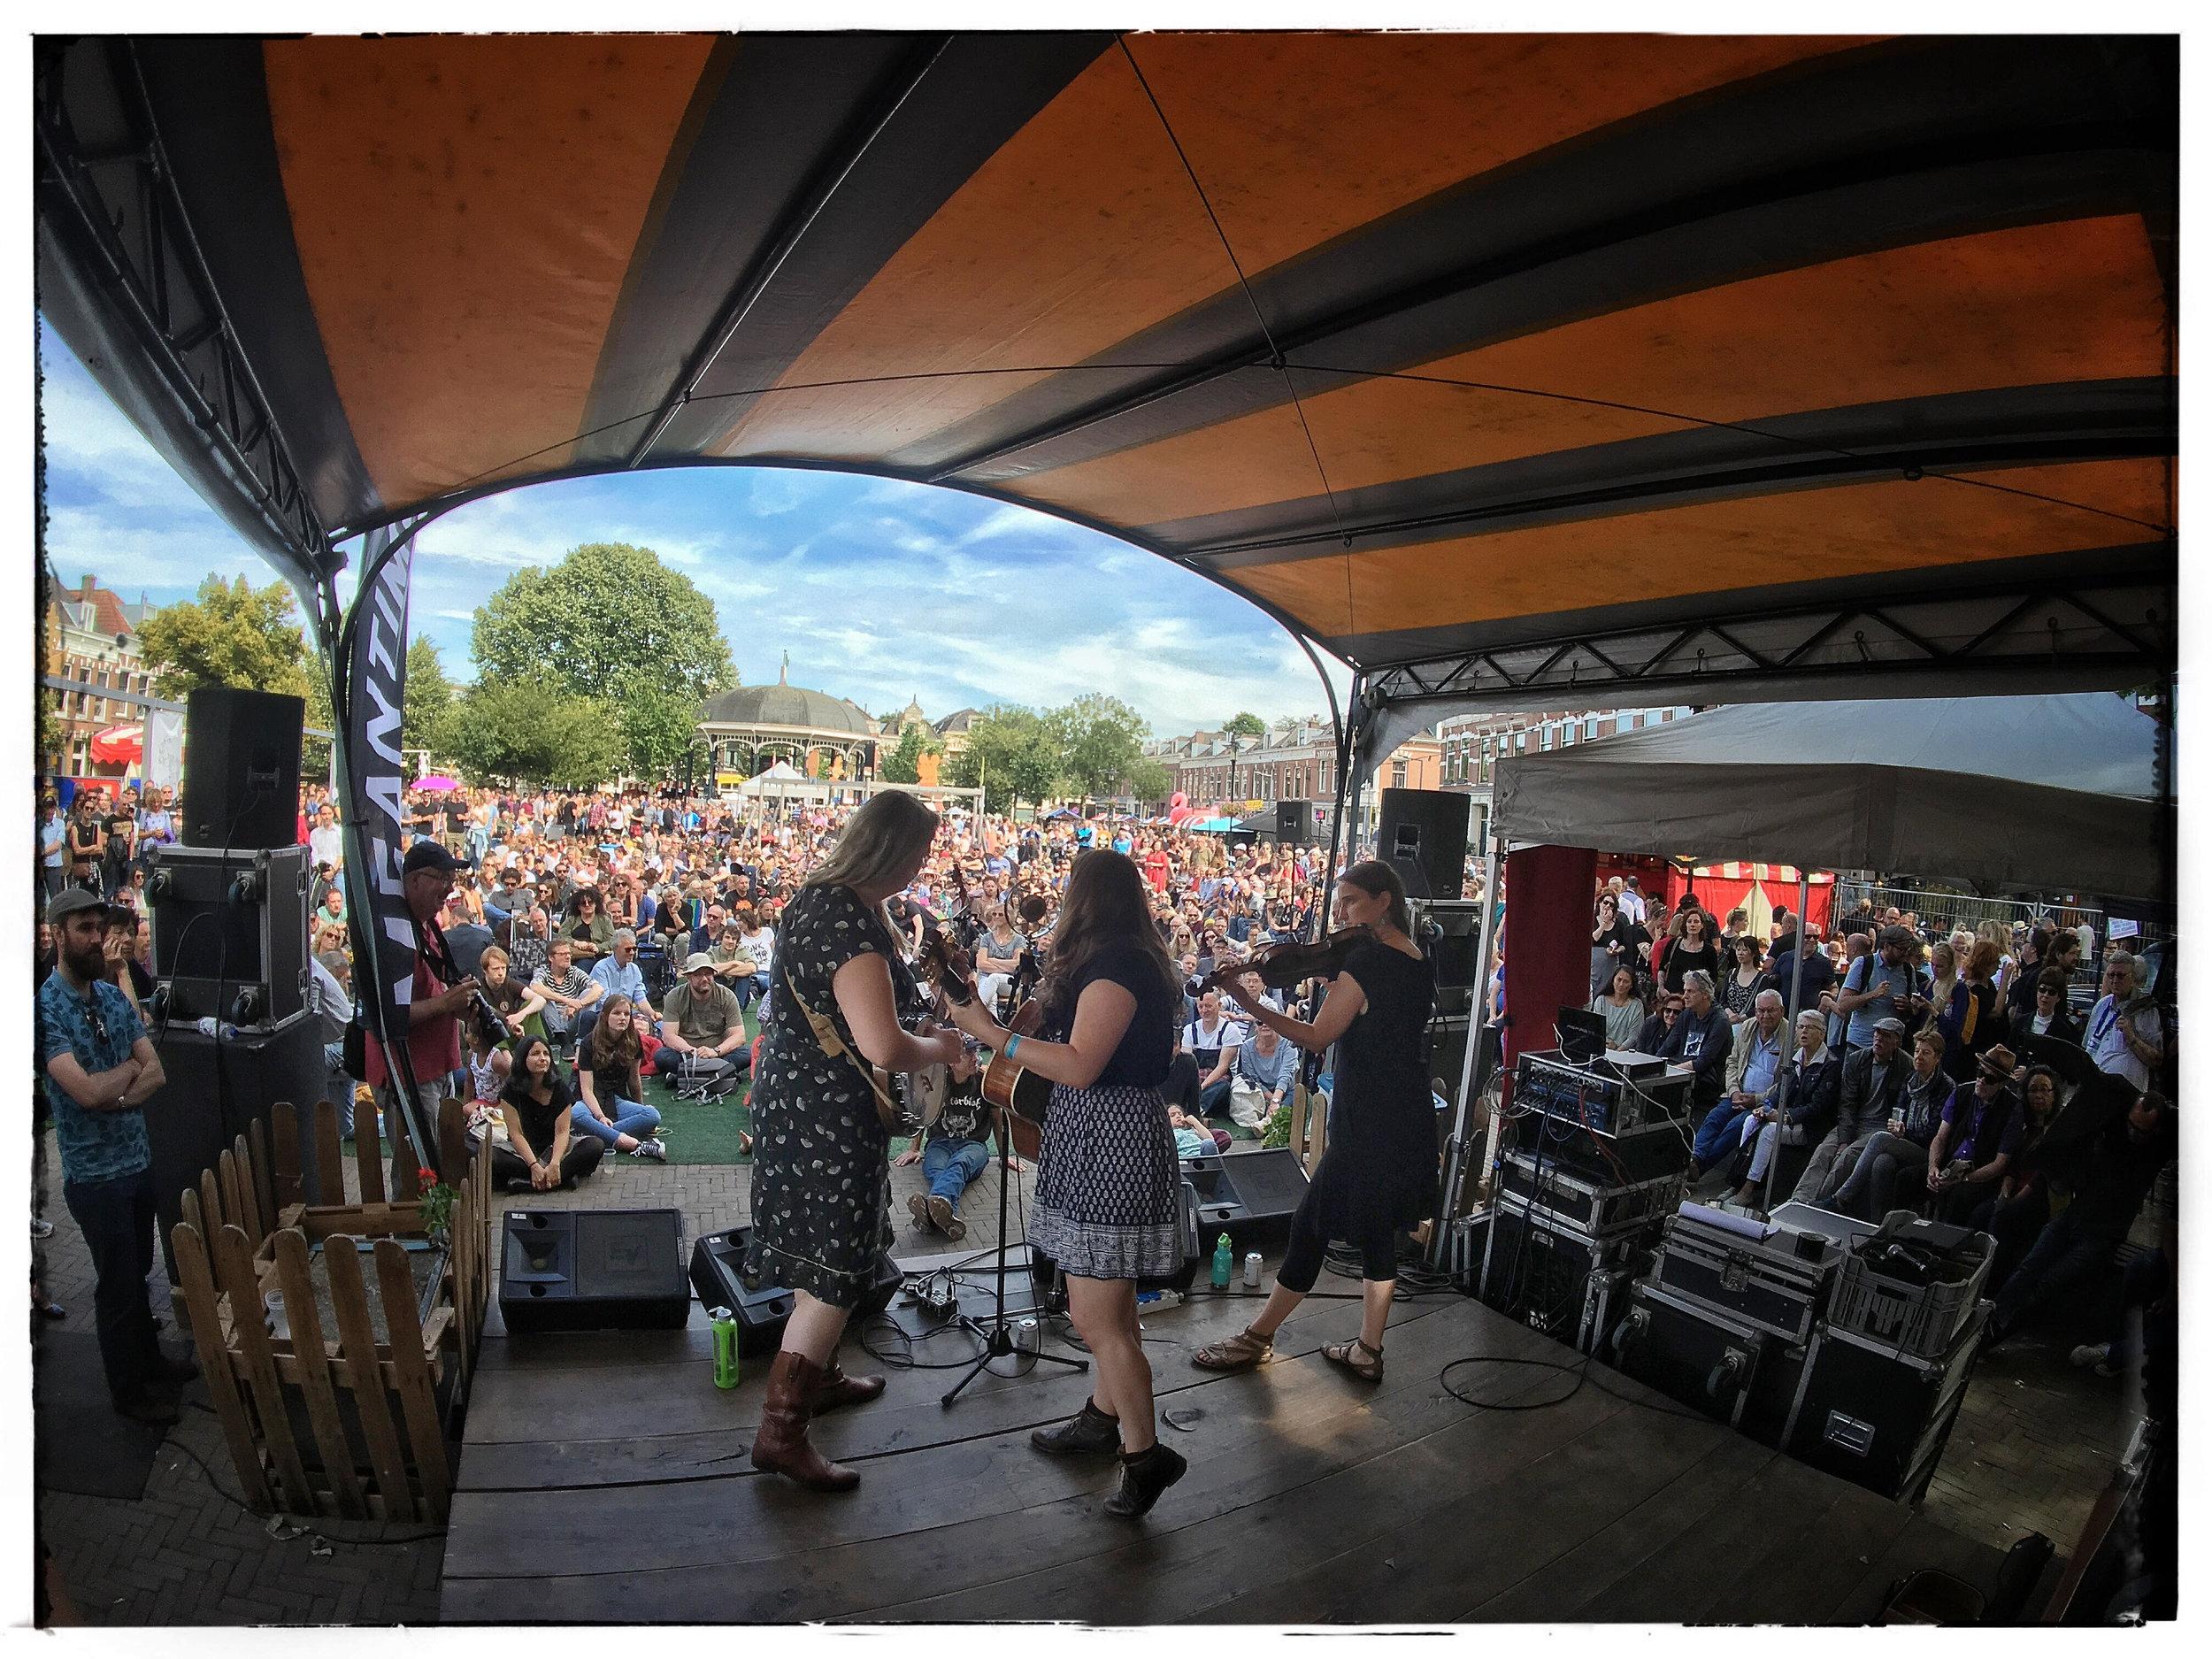 Rotterdam Bluegrass Festival, The Netherlands